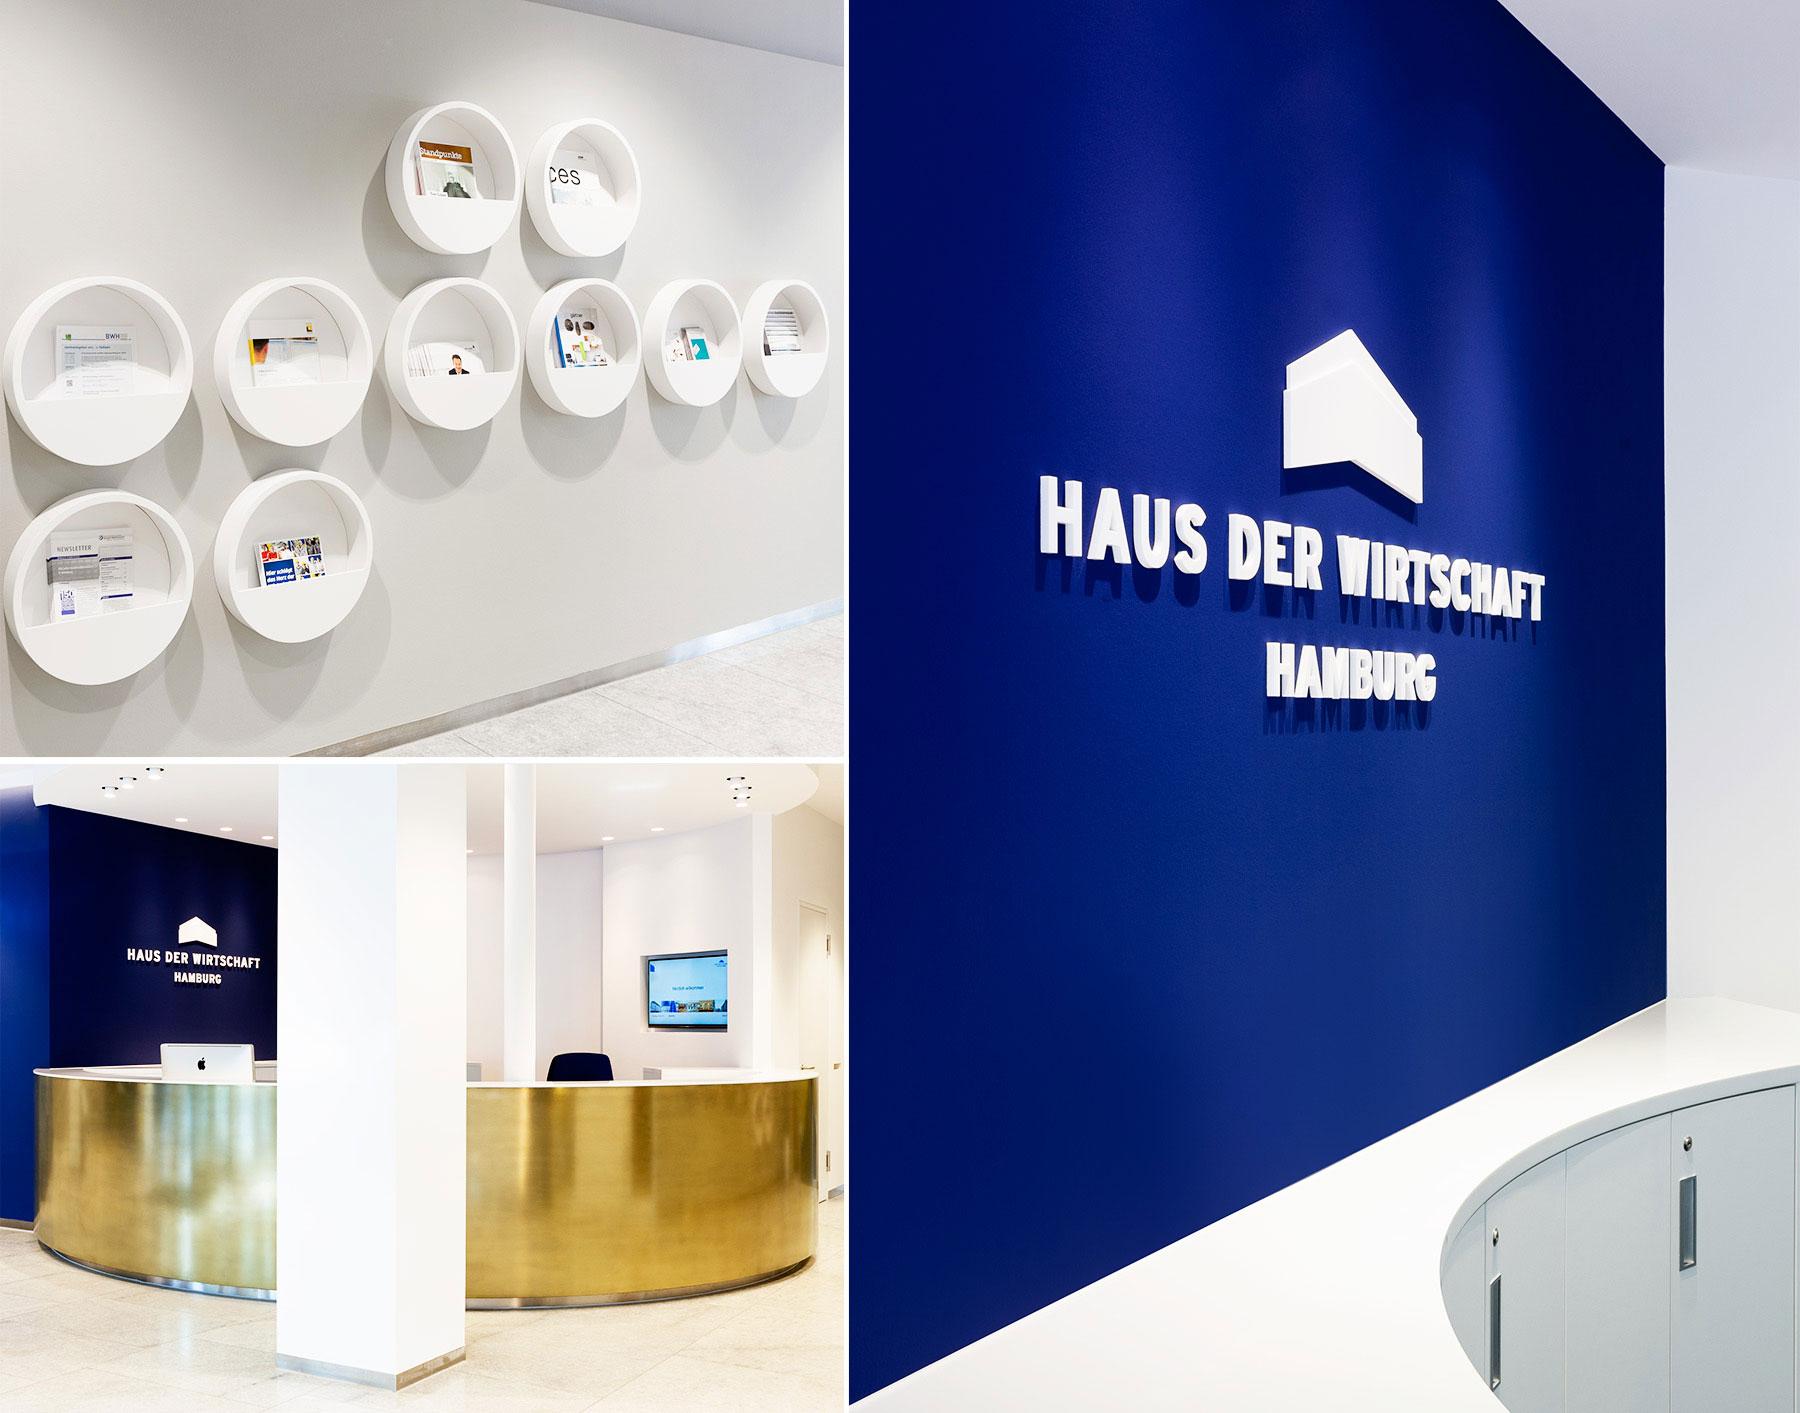 Referenz Innenarchitektur SDW DESIGN Haus der Wirtschaft Hamburg